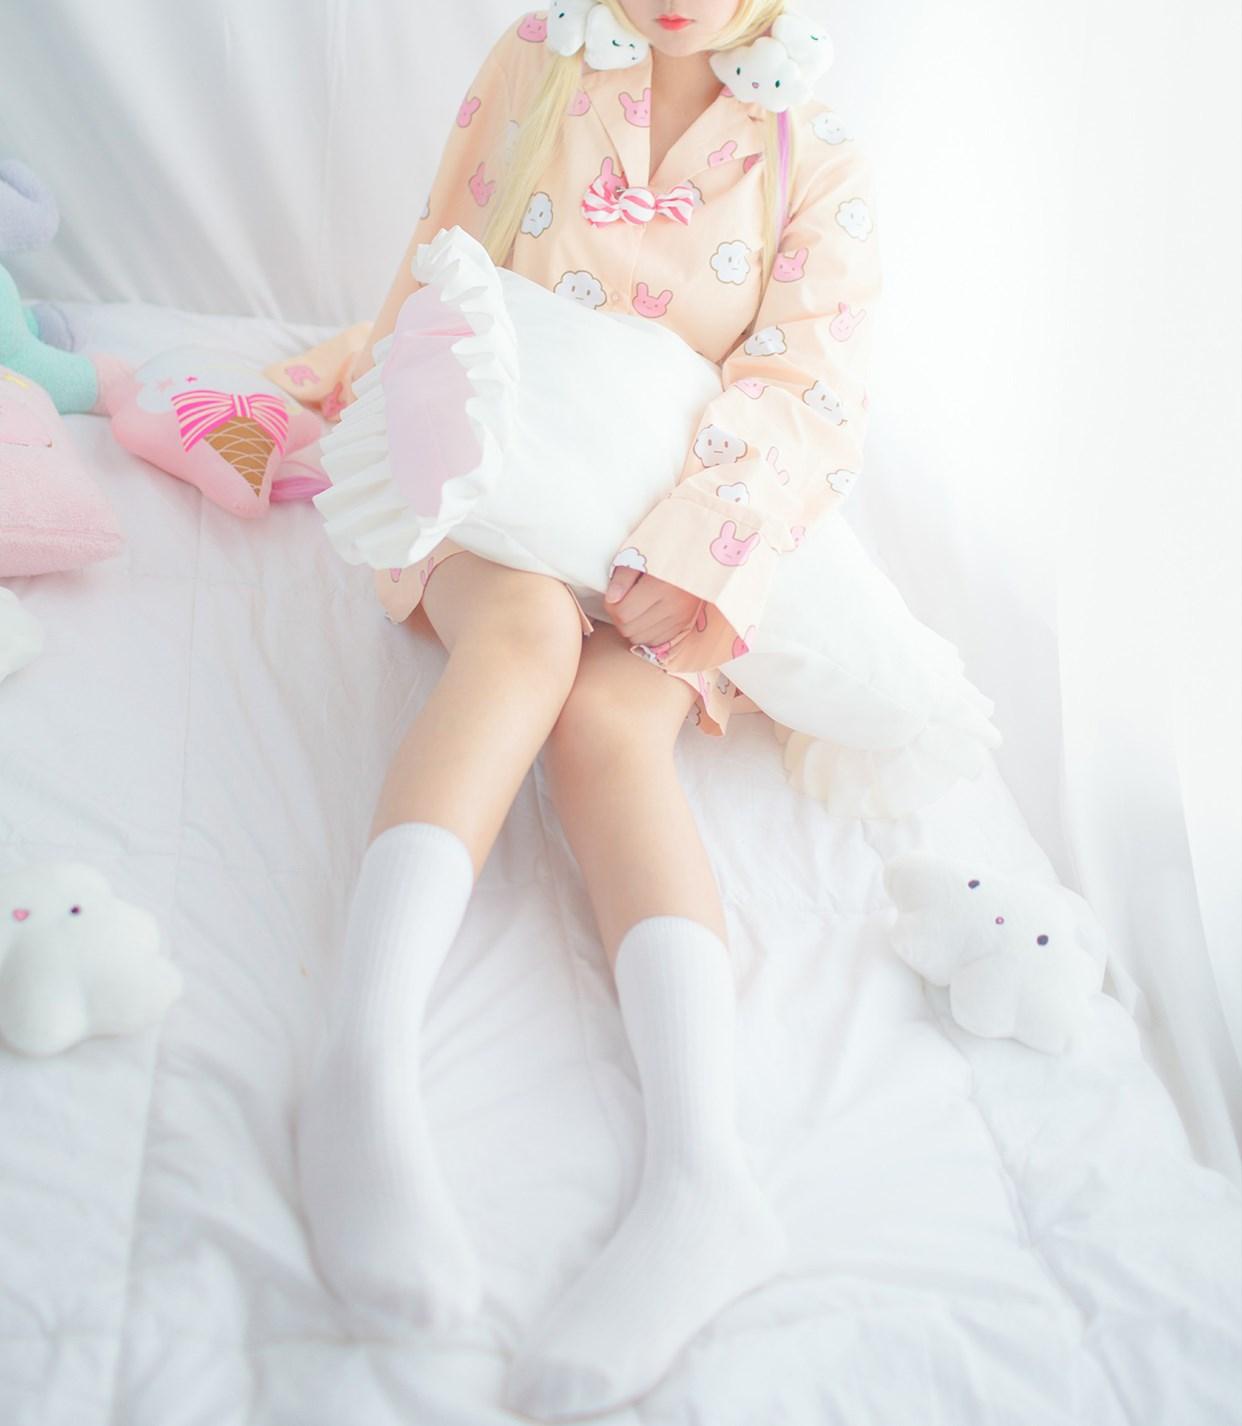 【兔玩映画】激萌小萝莉 兔玩映画 第2张